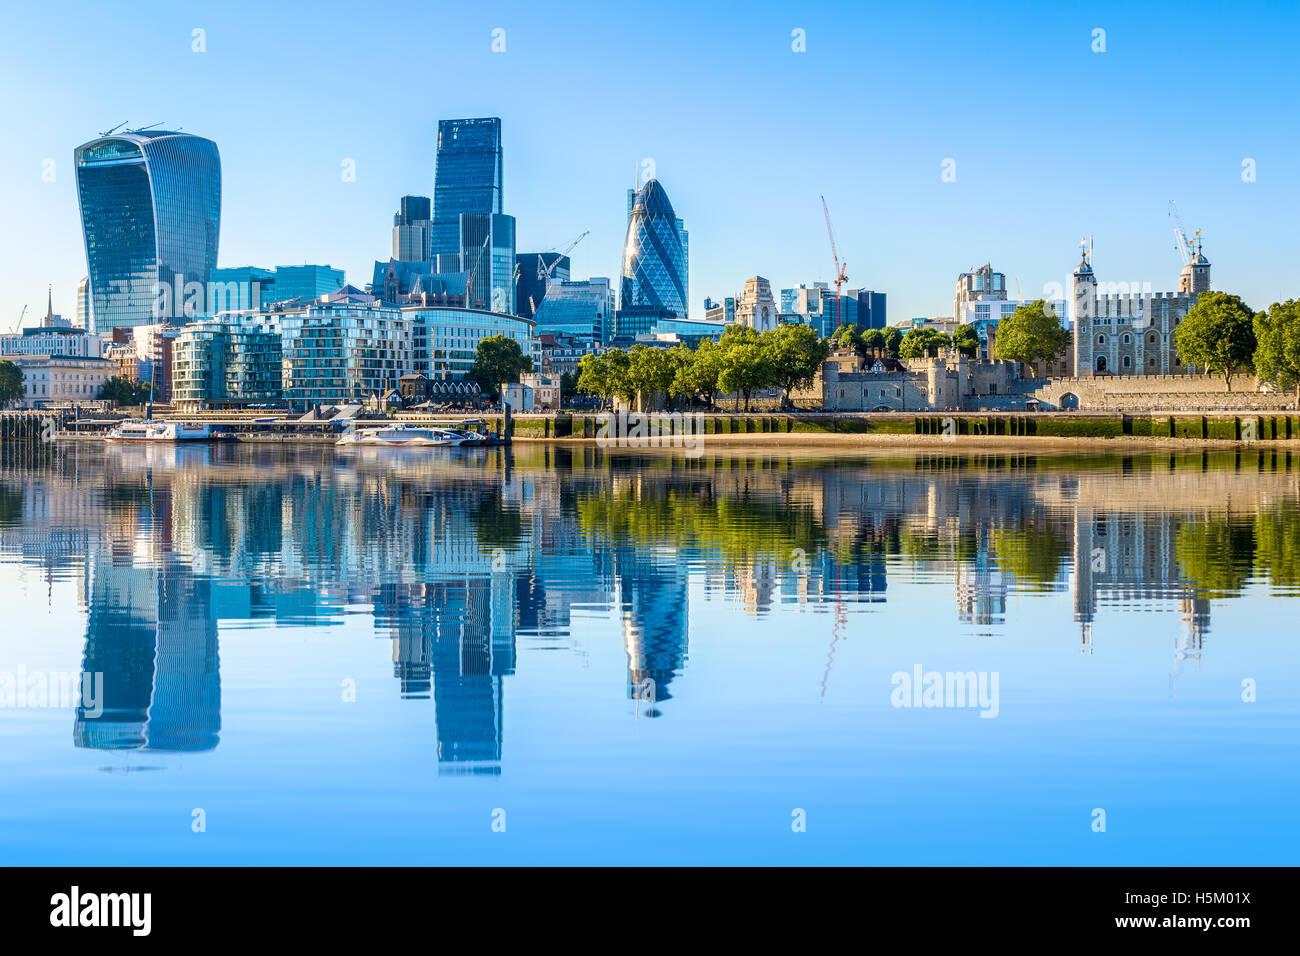 Wolkenlosen Tag am finanziellen Bezirk von London, darunter The Gherkin, Fenchurch Building und Leadenhall building Stockbild